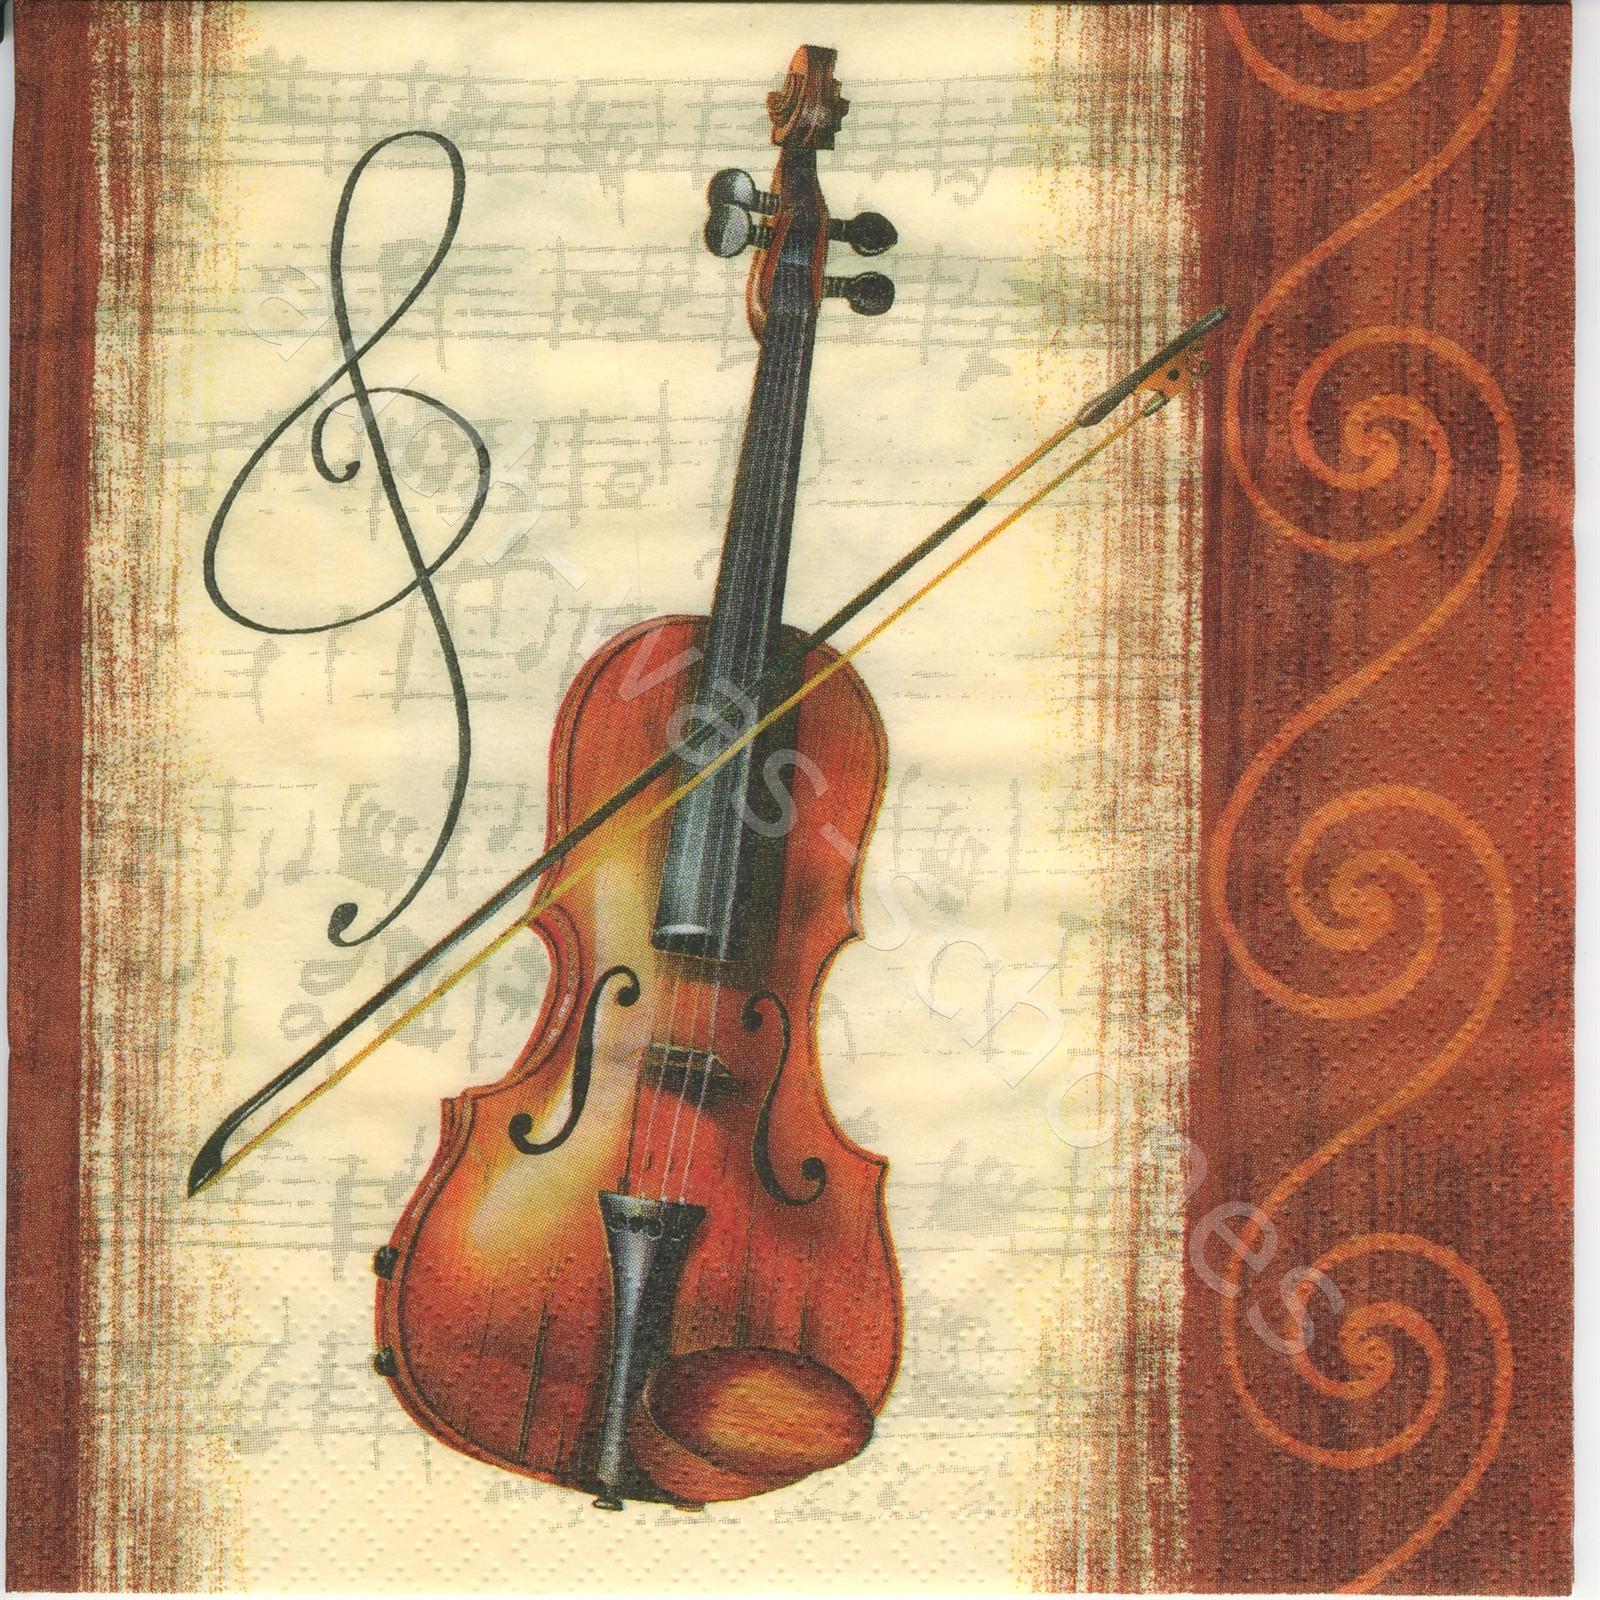 Servietten basteln sammeln - Musik - Instrumente - Noten - Geige ...